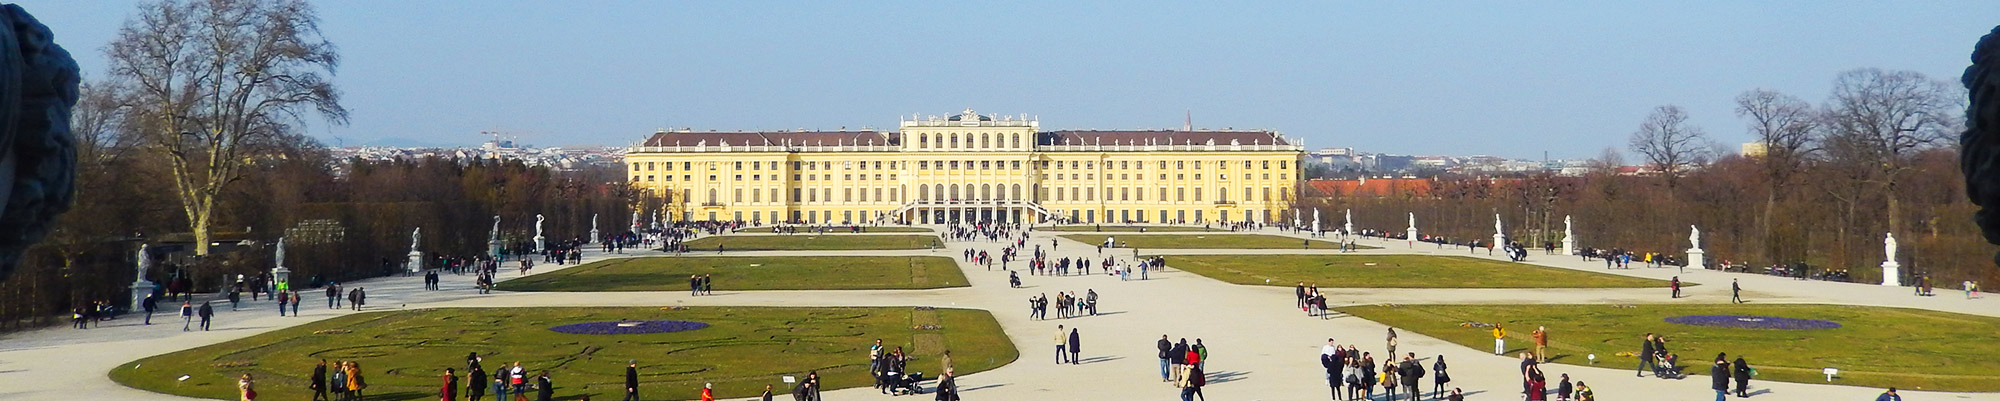 Großes Foto von Schloss Schönbrunn